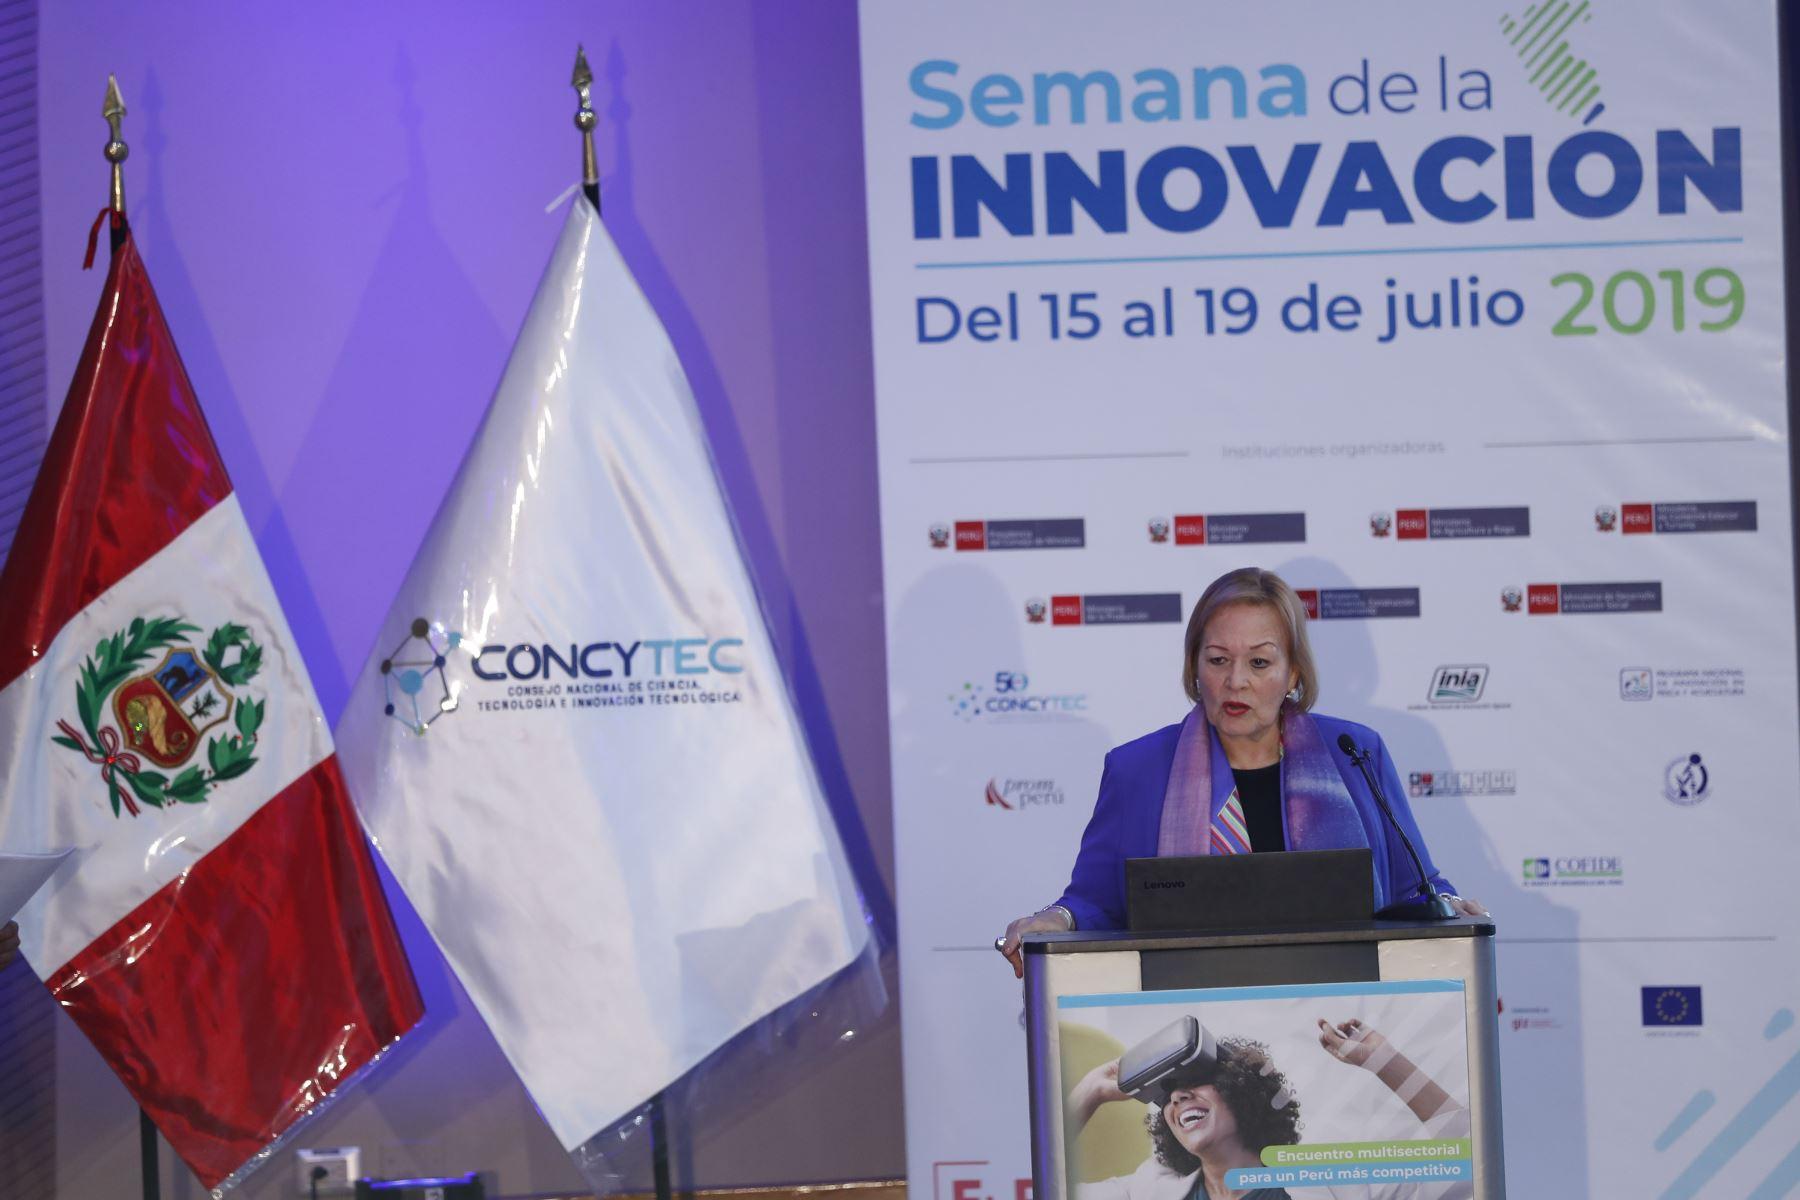 Yolanda Torriani, presidenta de la Cámara de Comercio de Lima,participó en la presentación de las conclusiones de la Semana Nacional de la Innovación. Foto: ANDINA/Josue Ramos